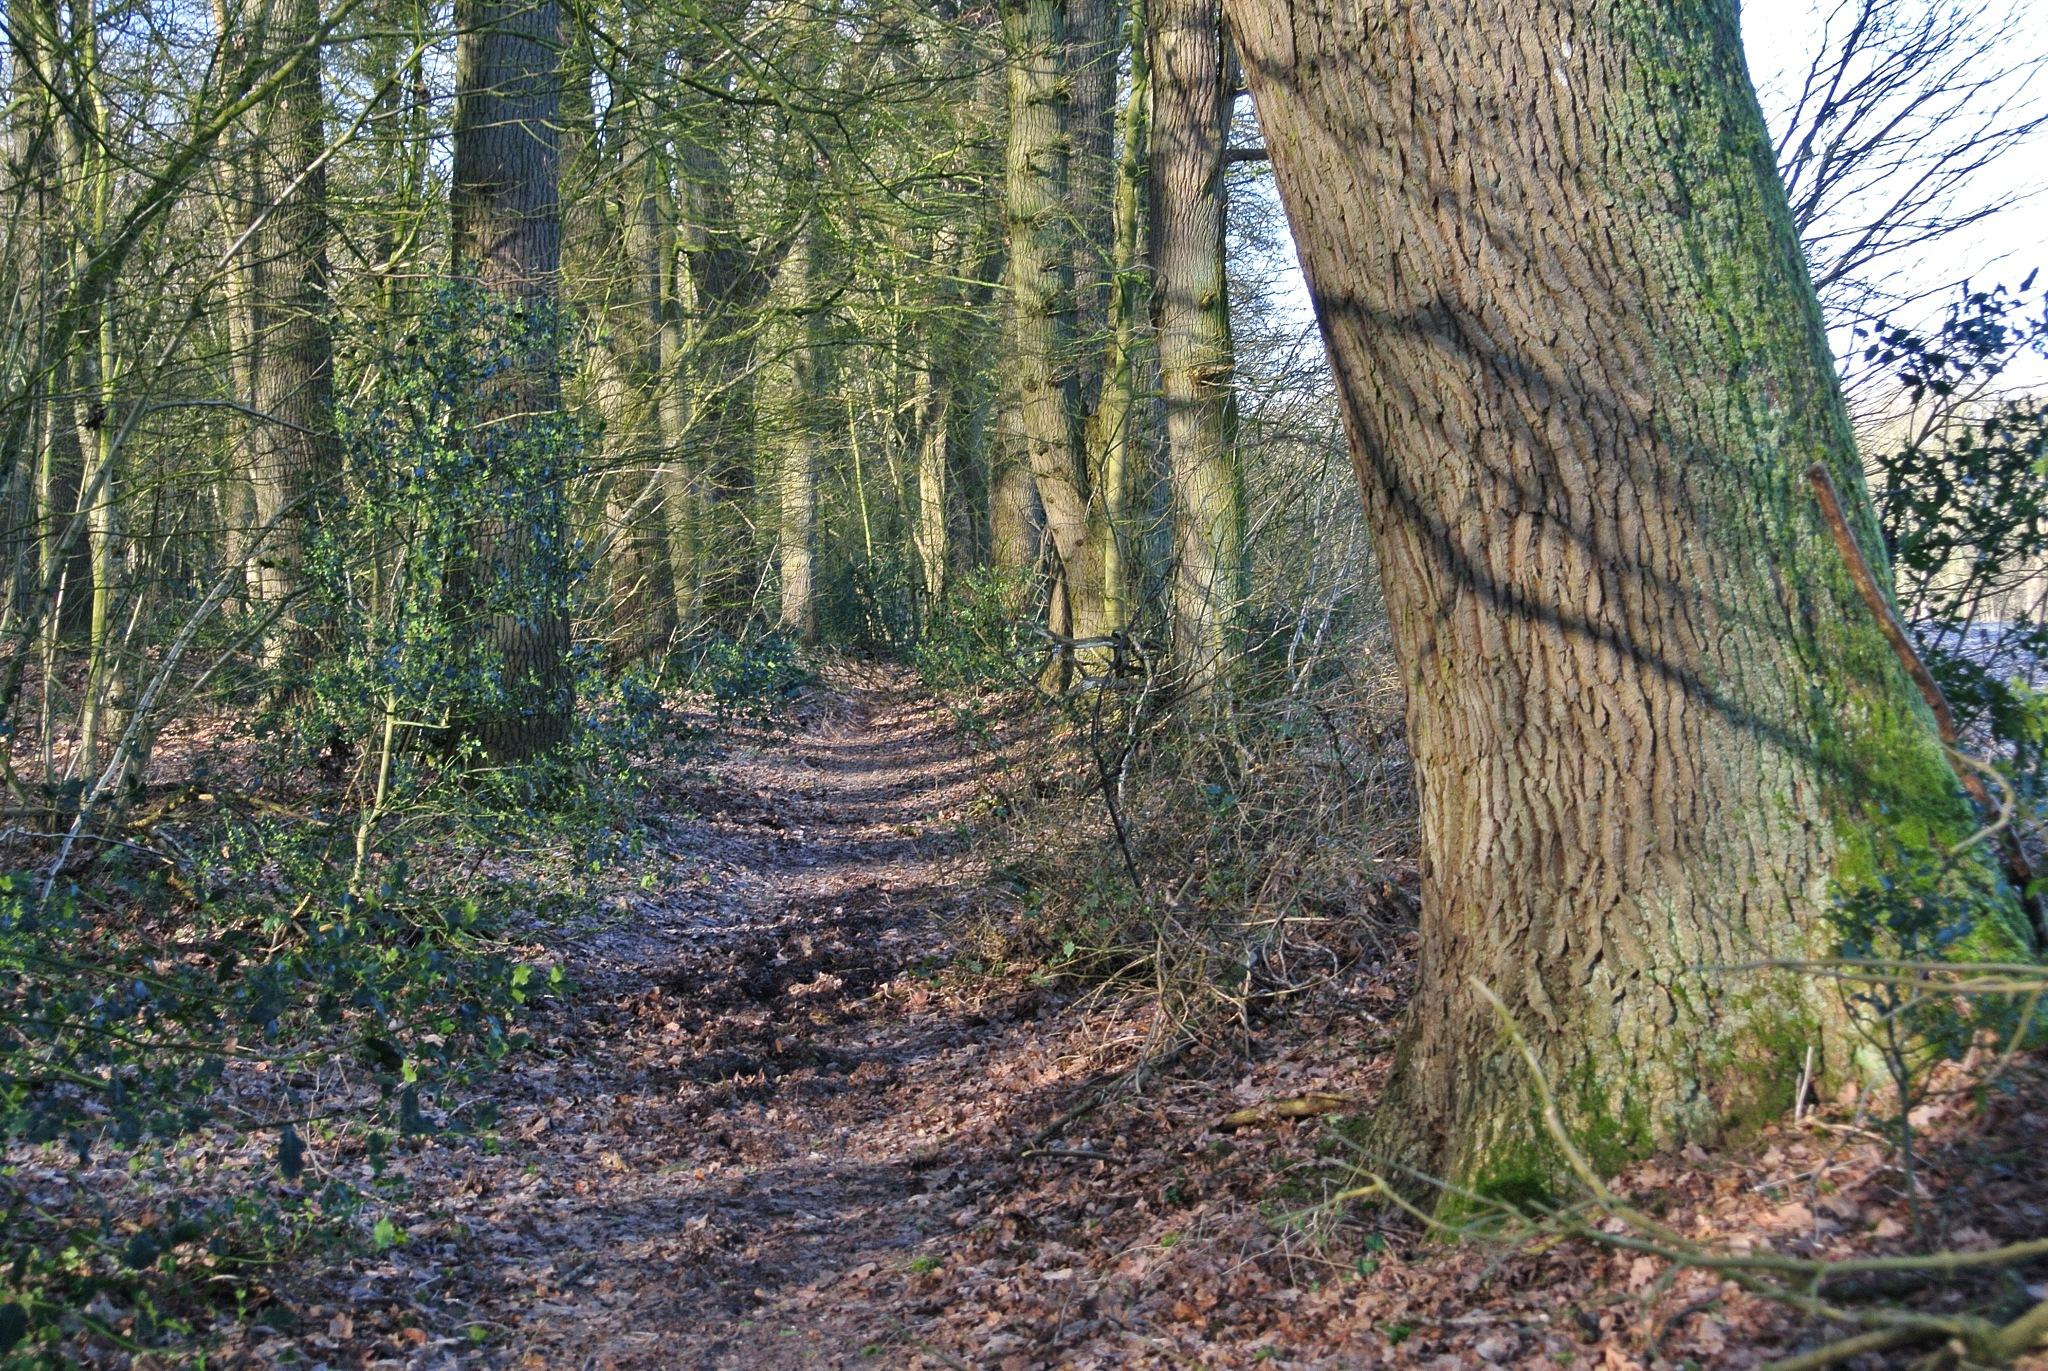 Into the wood by Jacob van der Veen